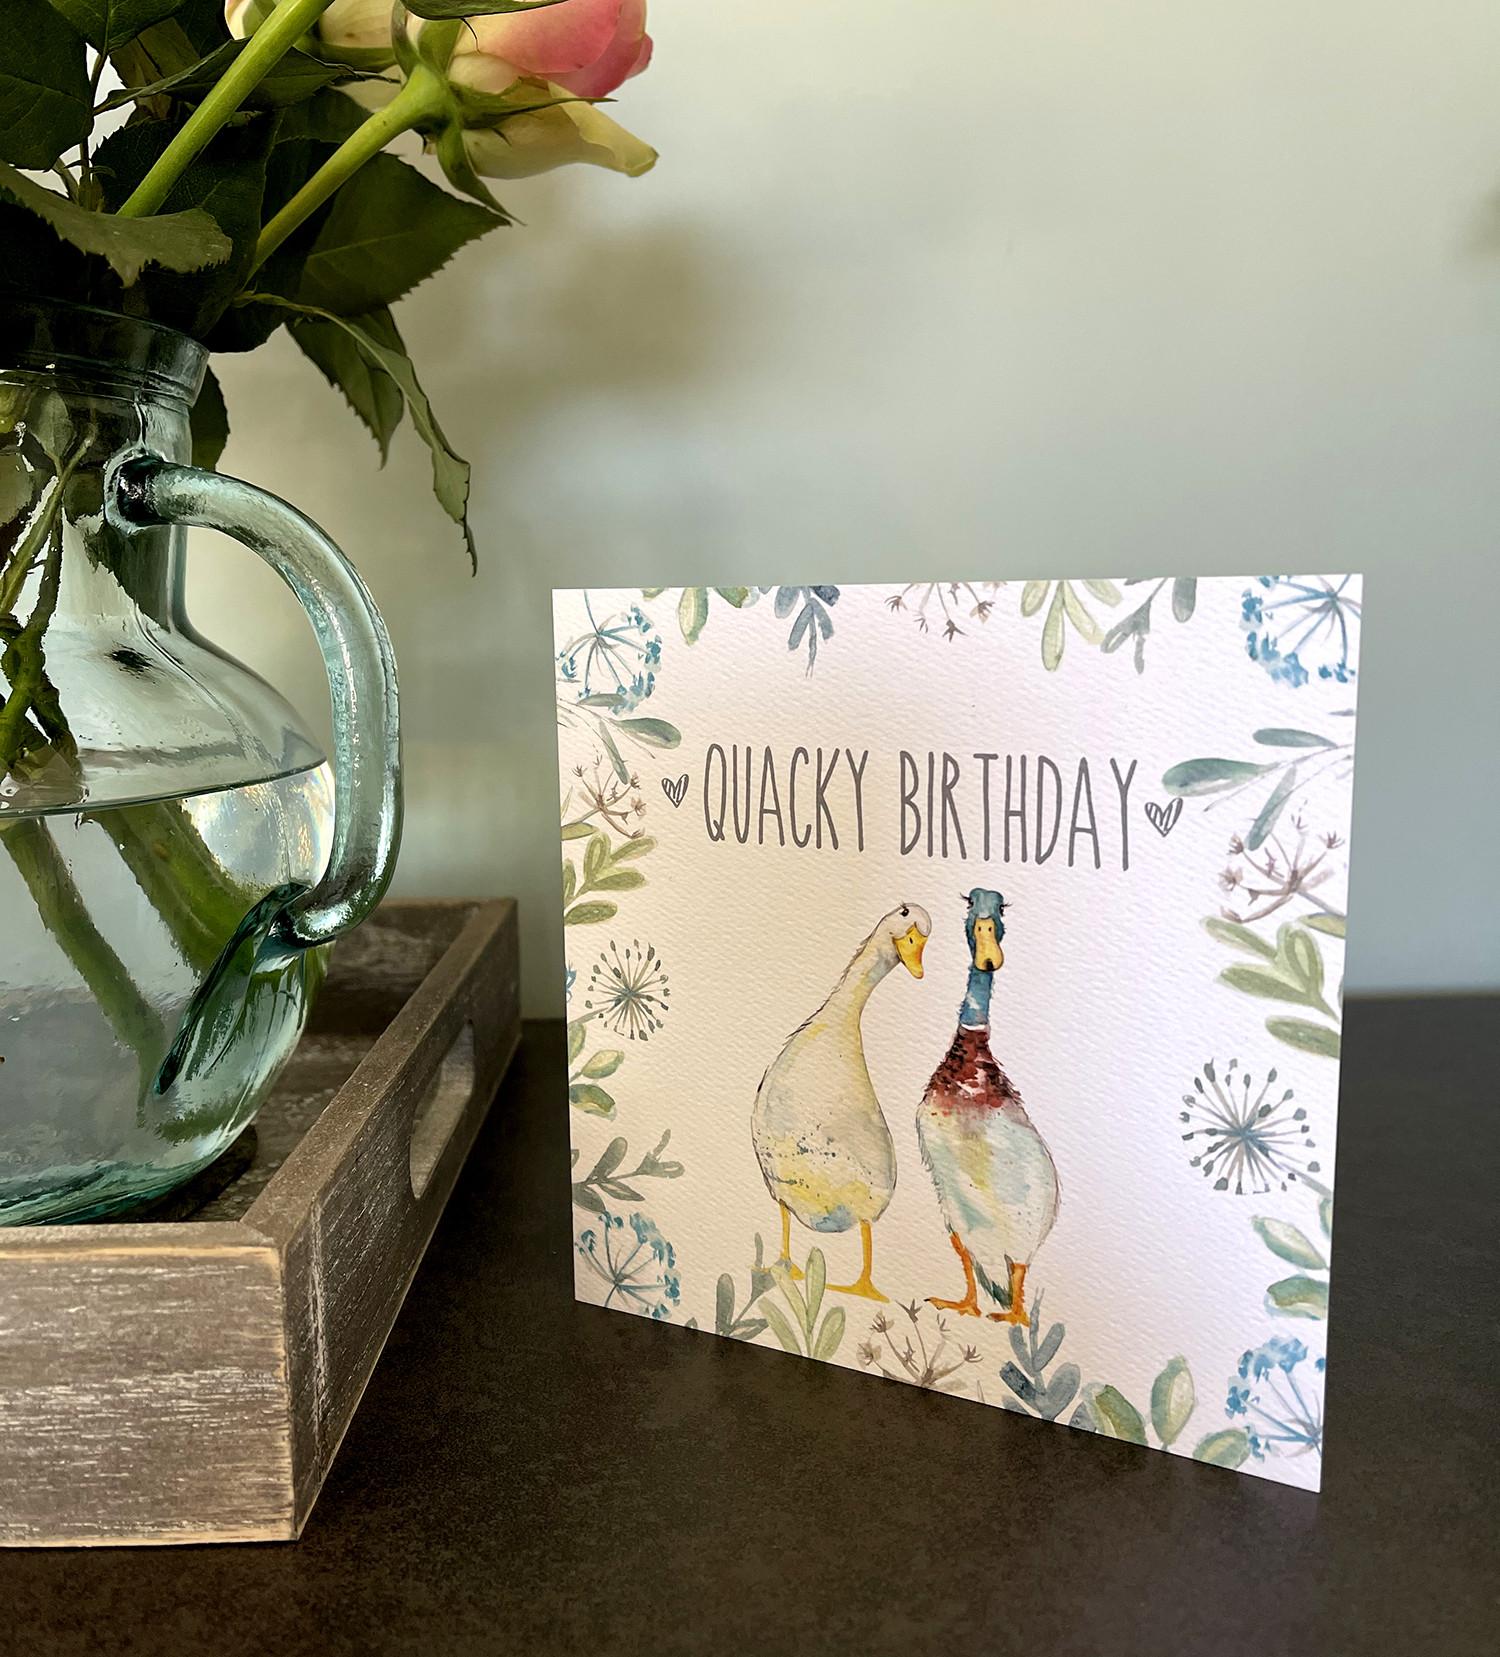 QUACKY BIRTHDAY CARD